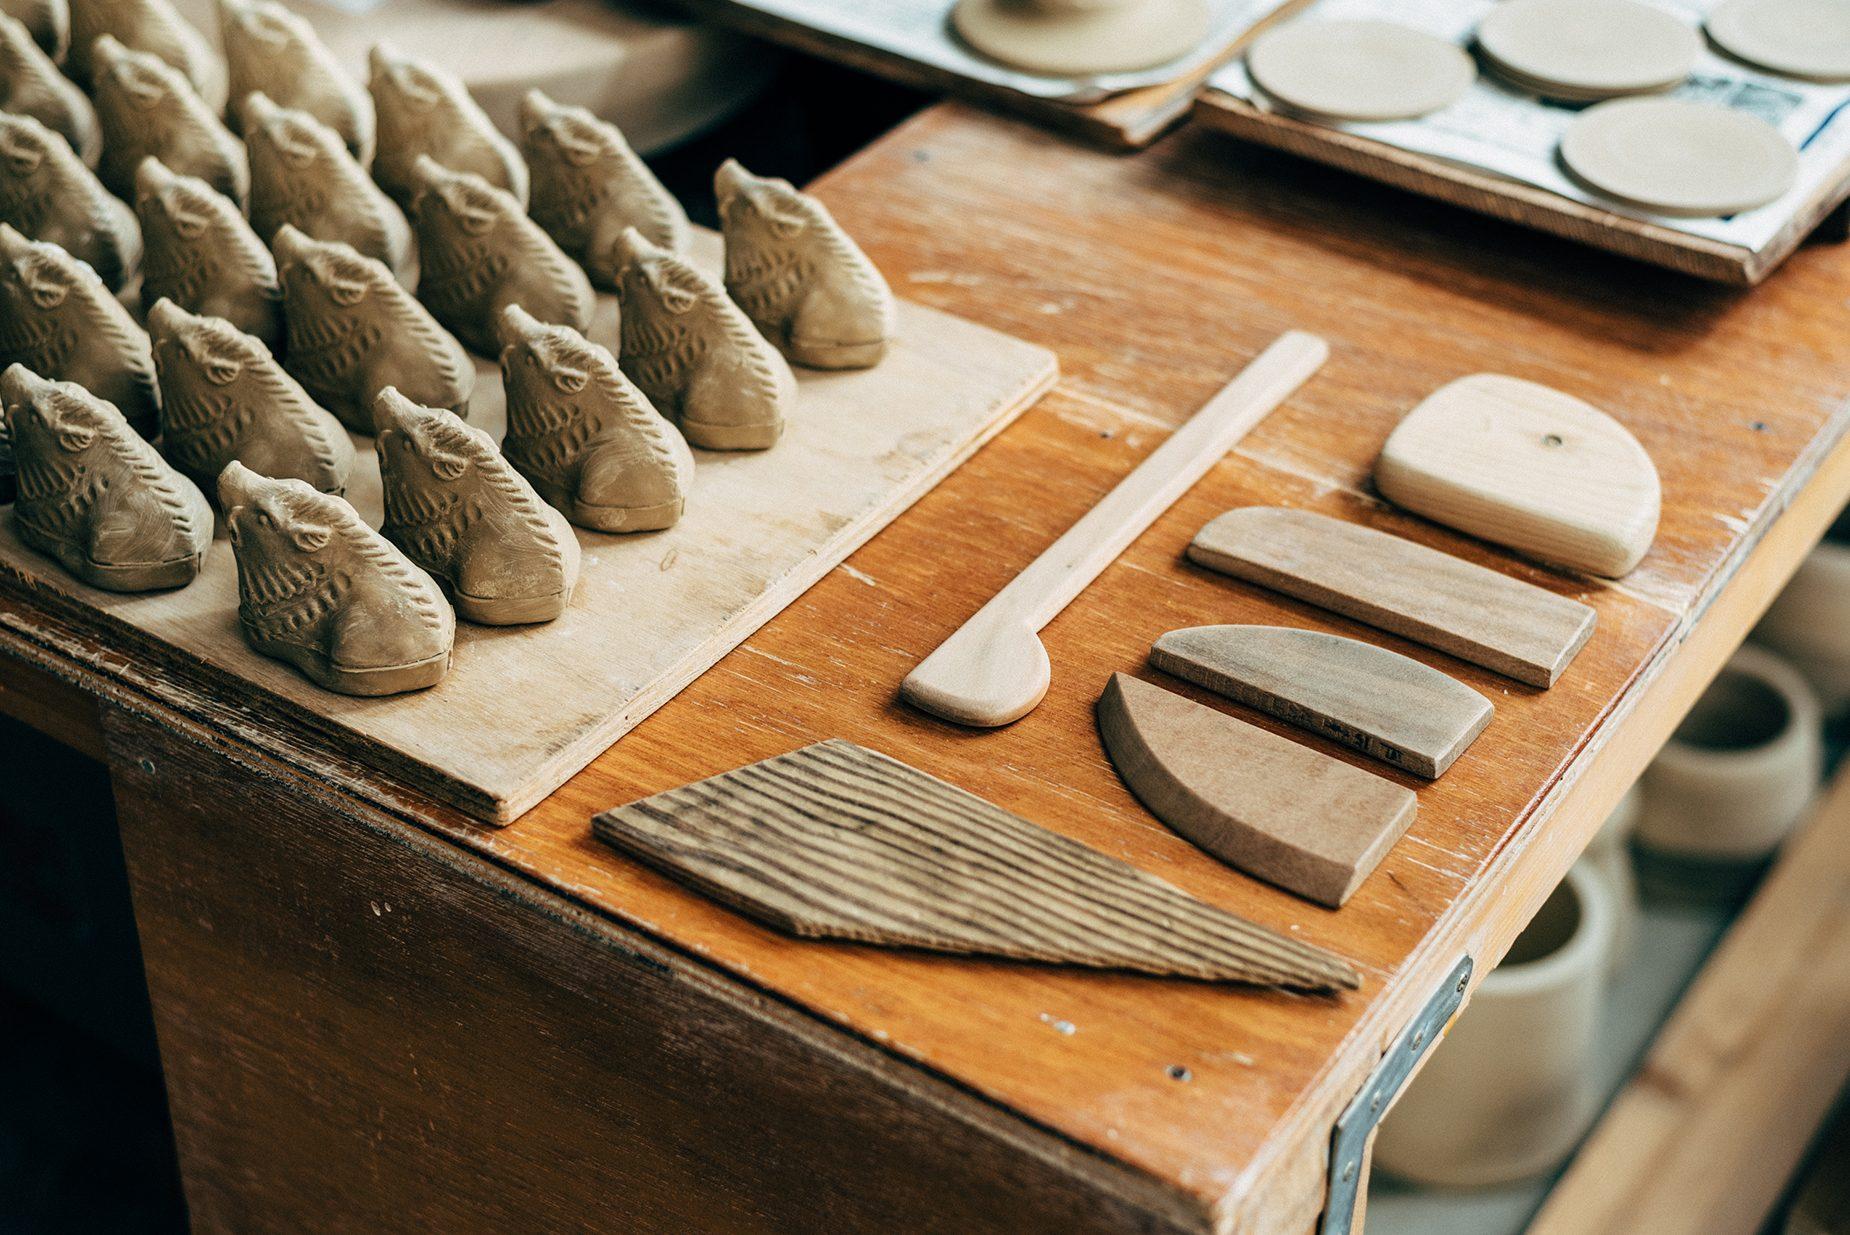 道具は全て手作りのものを使っている。